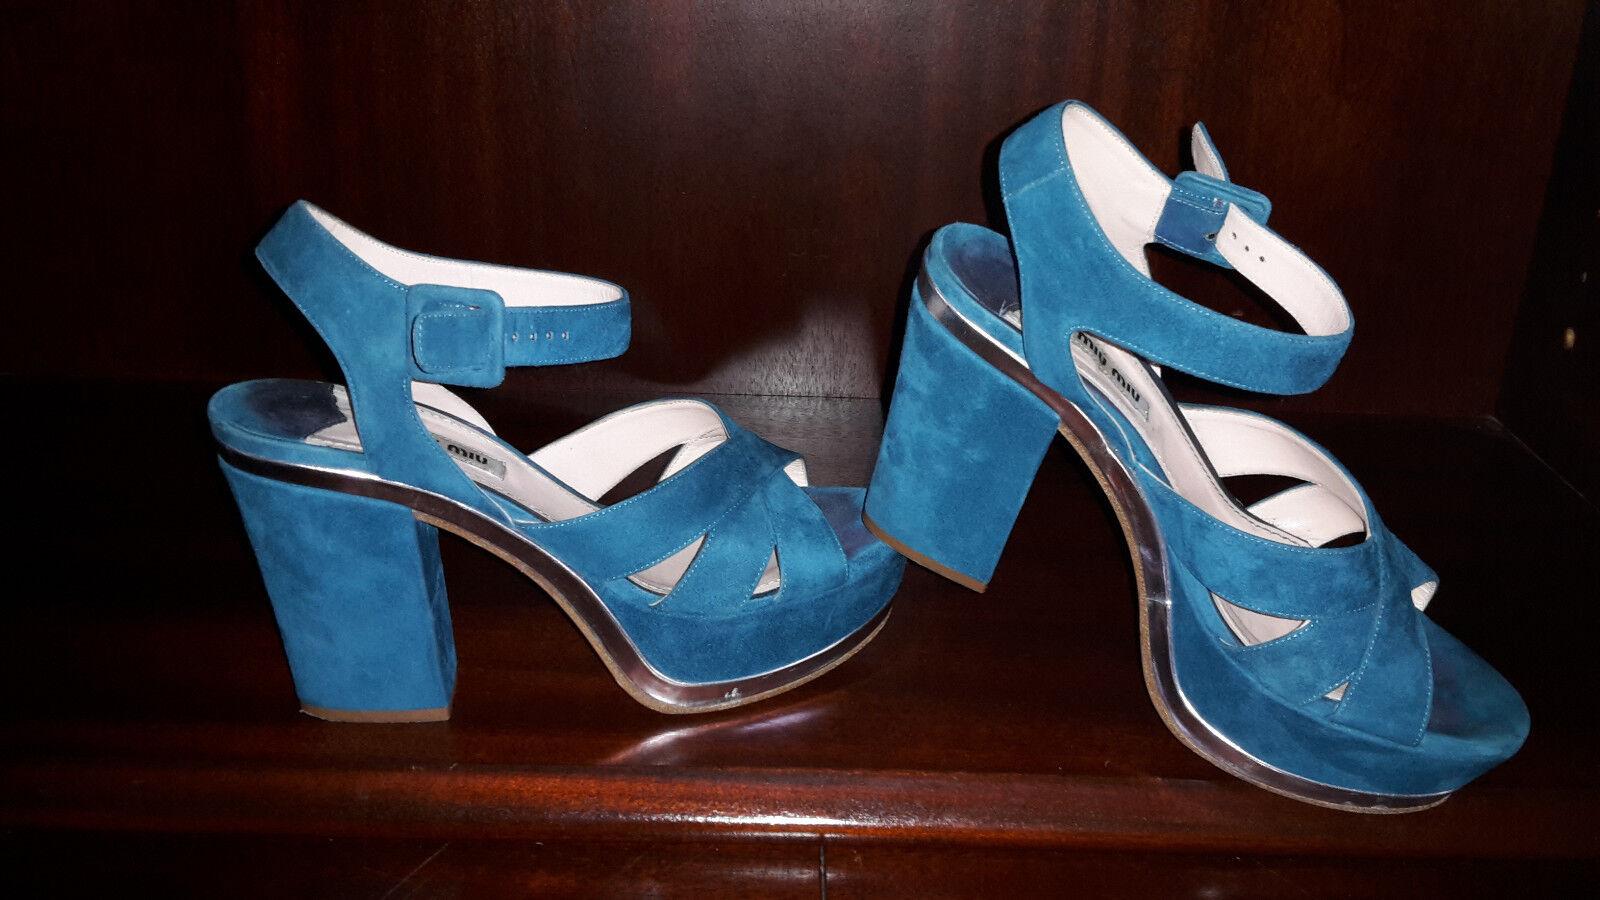 MIU MIU Sandaletten Gr. D 38 Petrol Damen Schuhe High Heels Shoes Pumps TOP